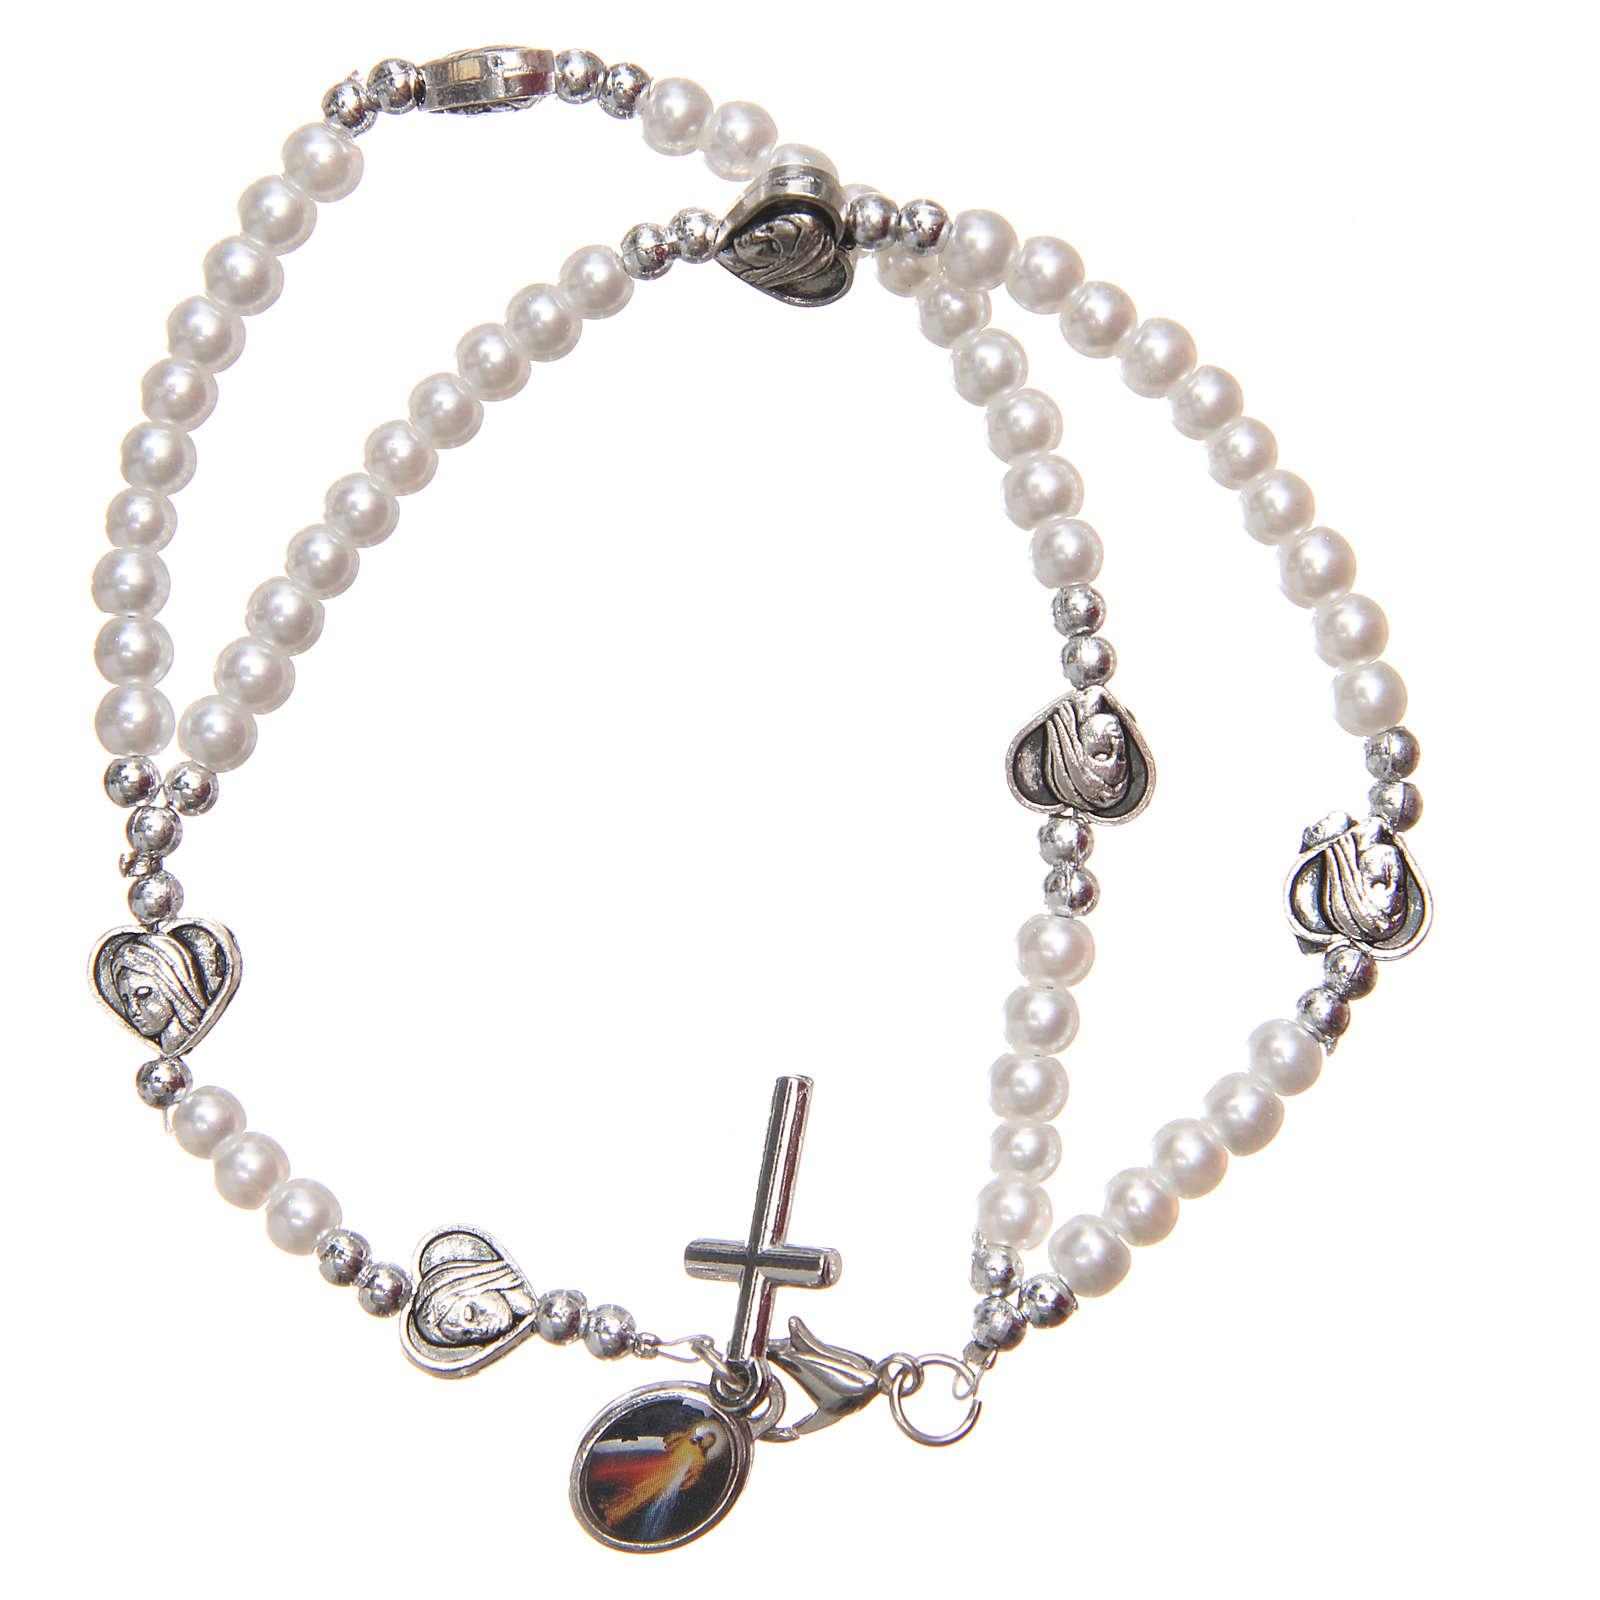 Braccialetto apri chiudi cuori croce Madonna Medjugorje 4